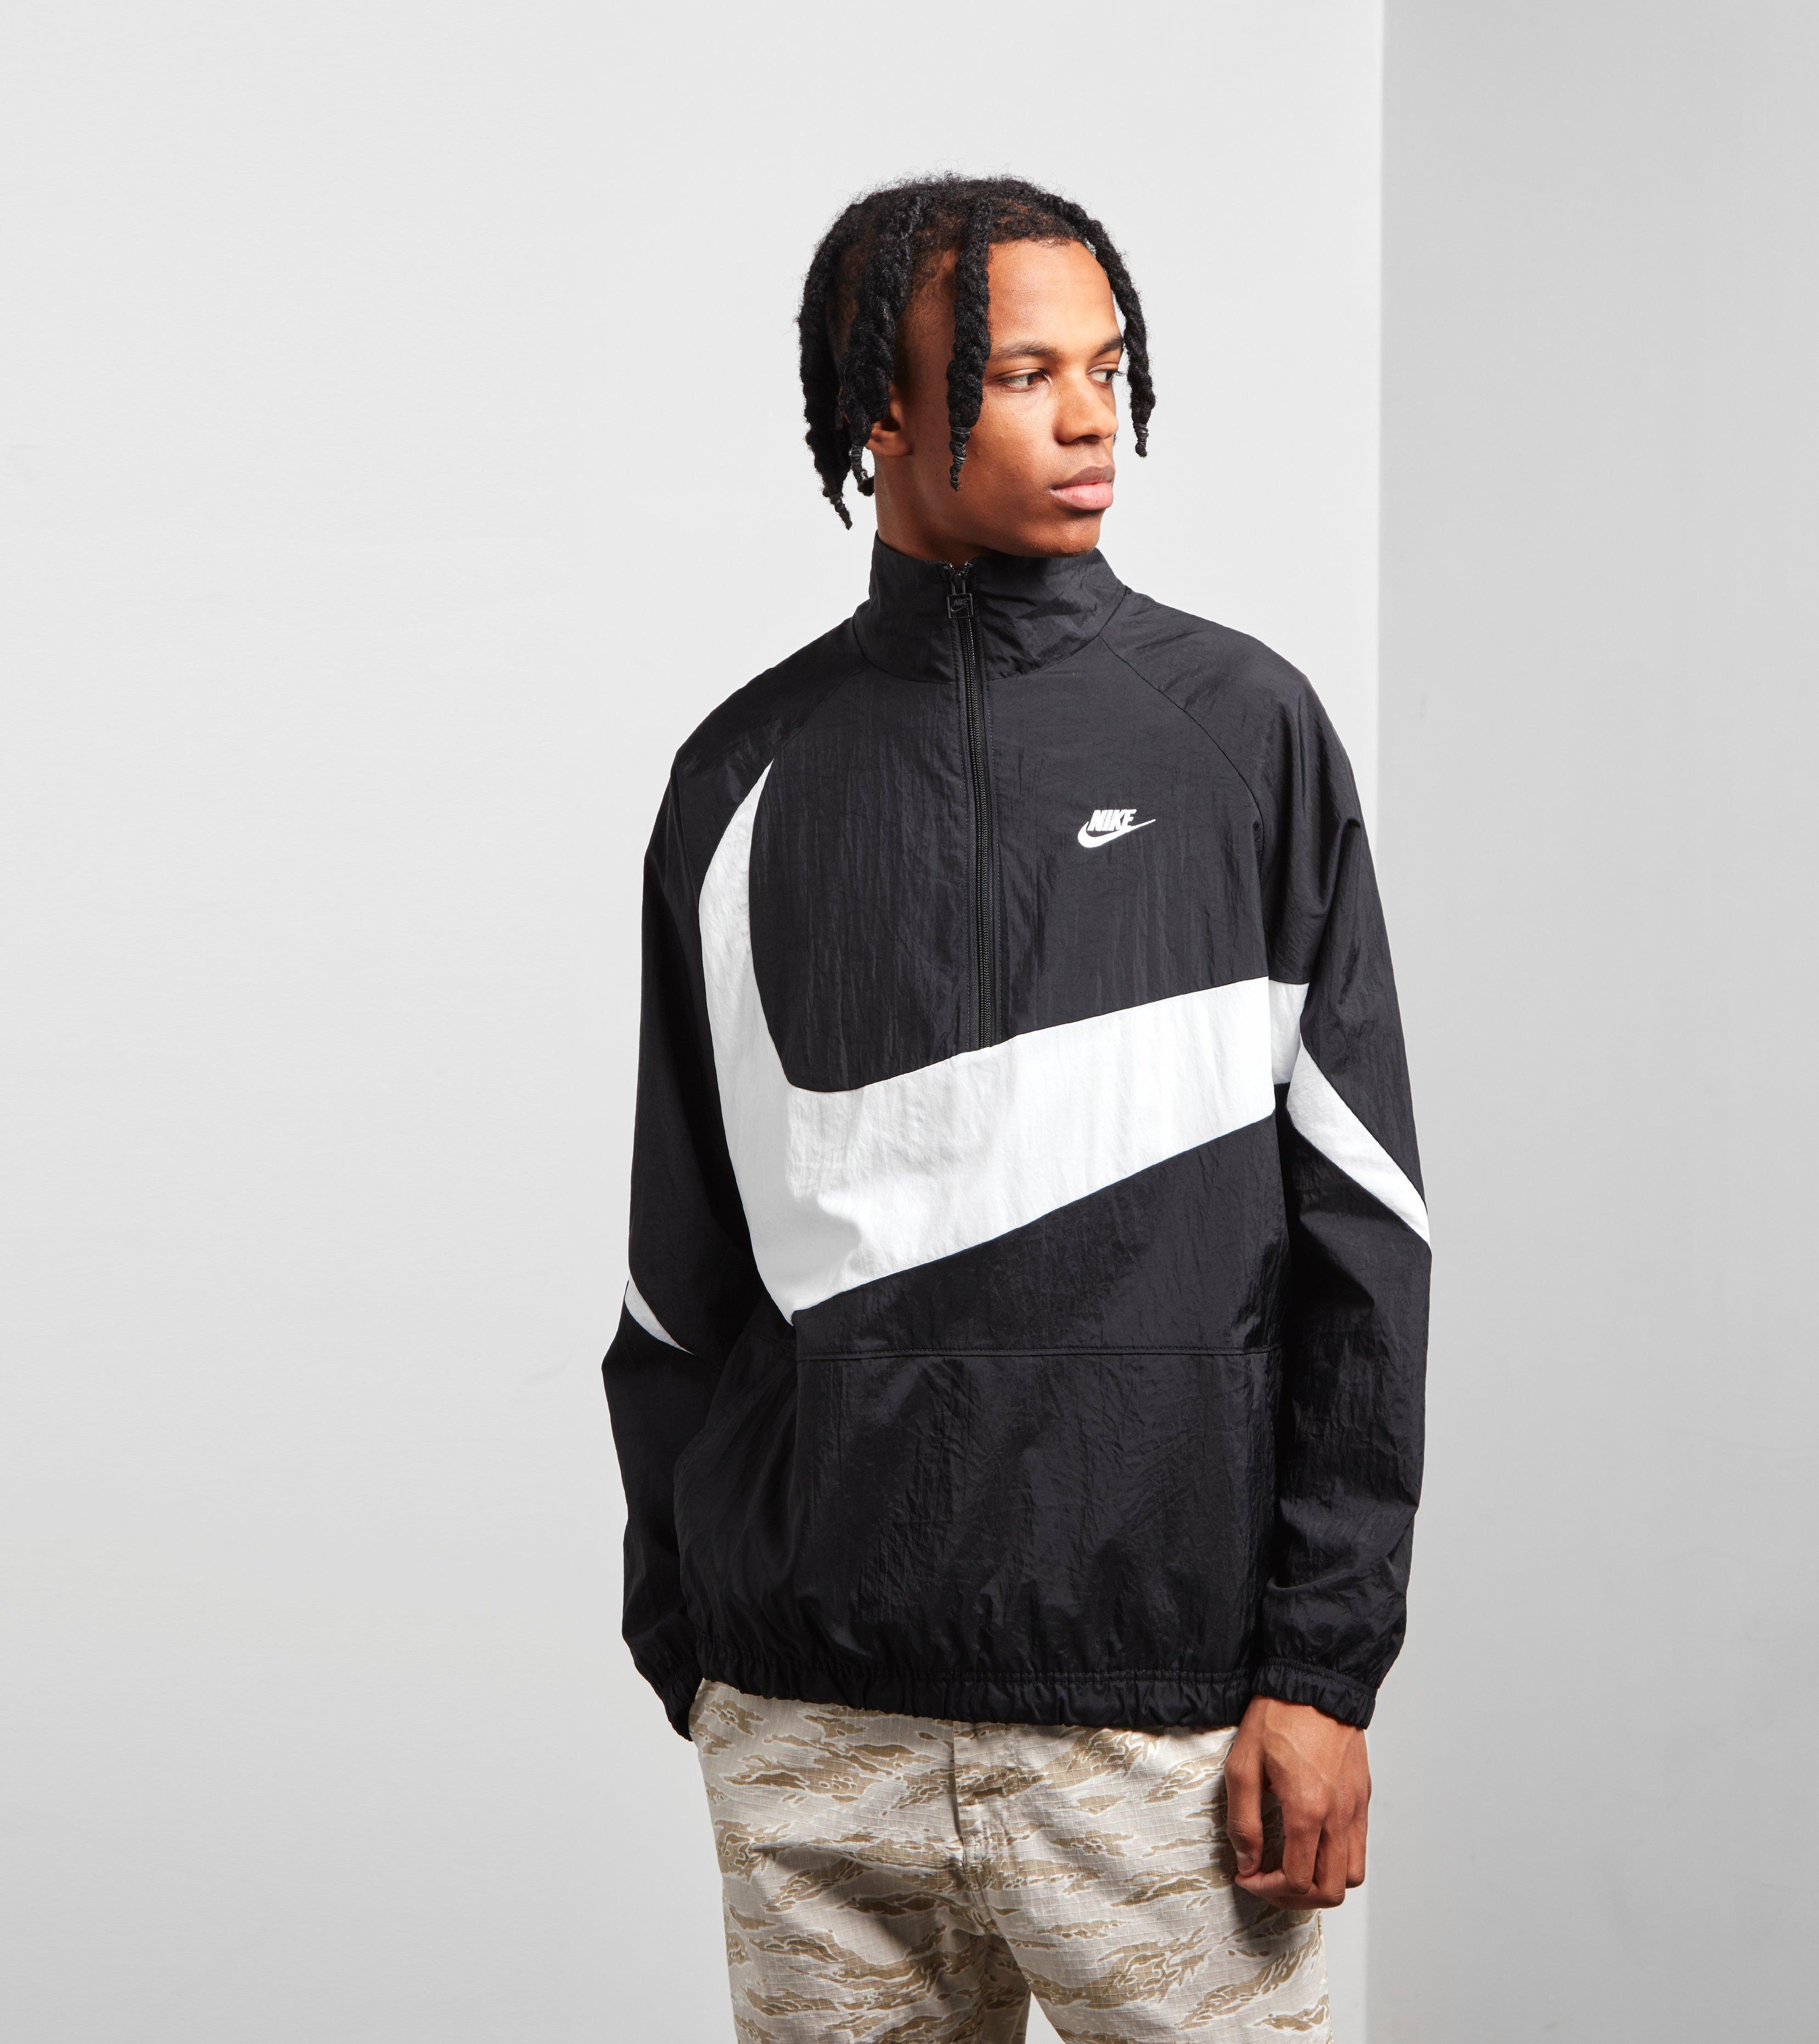 d54889912 Nike Swoosh Half Zip Woven Jacket in Black for Men - Lyst